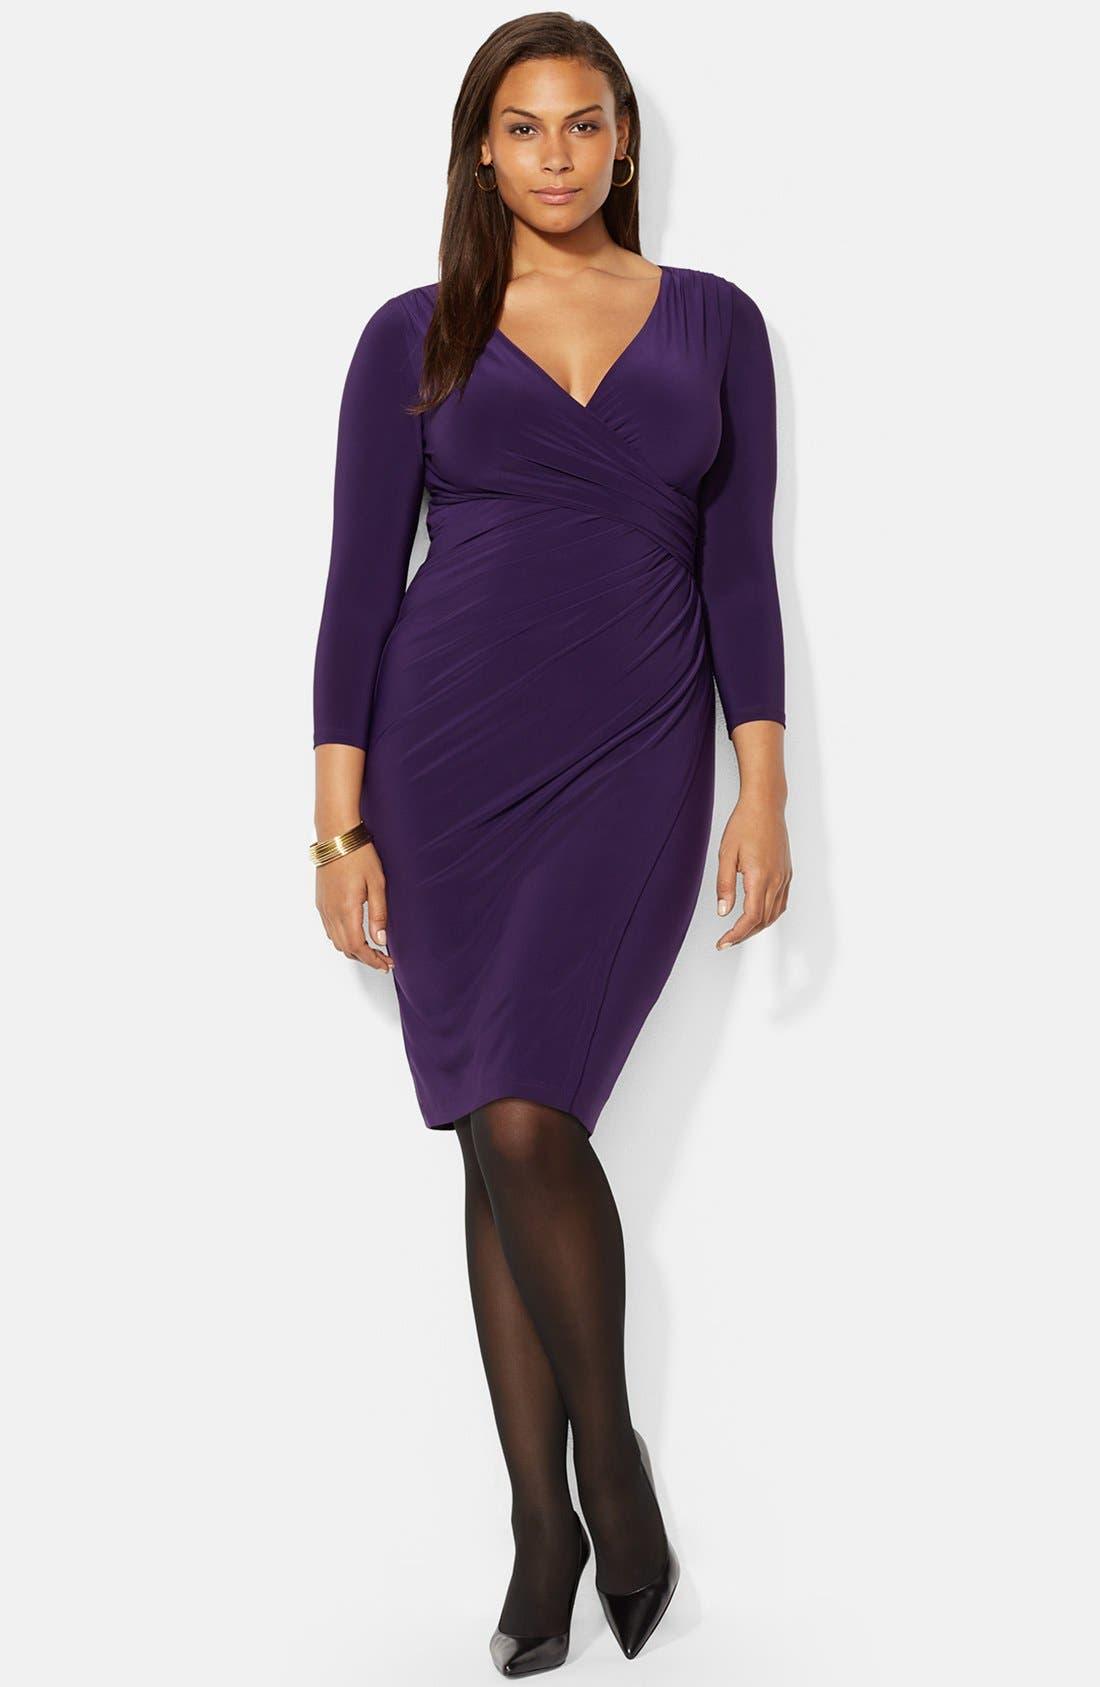 LAUREN RALPH LAUREN Faux Wrap Matte Jersey Dress, Main, color, 501